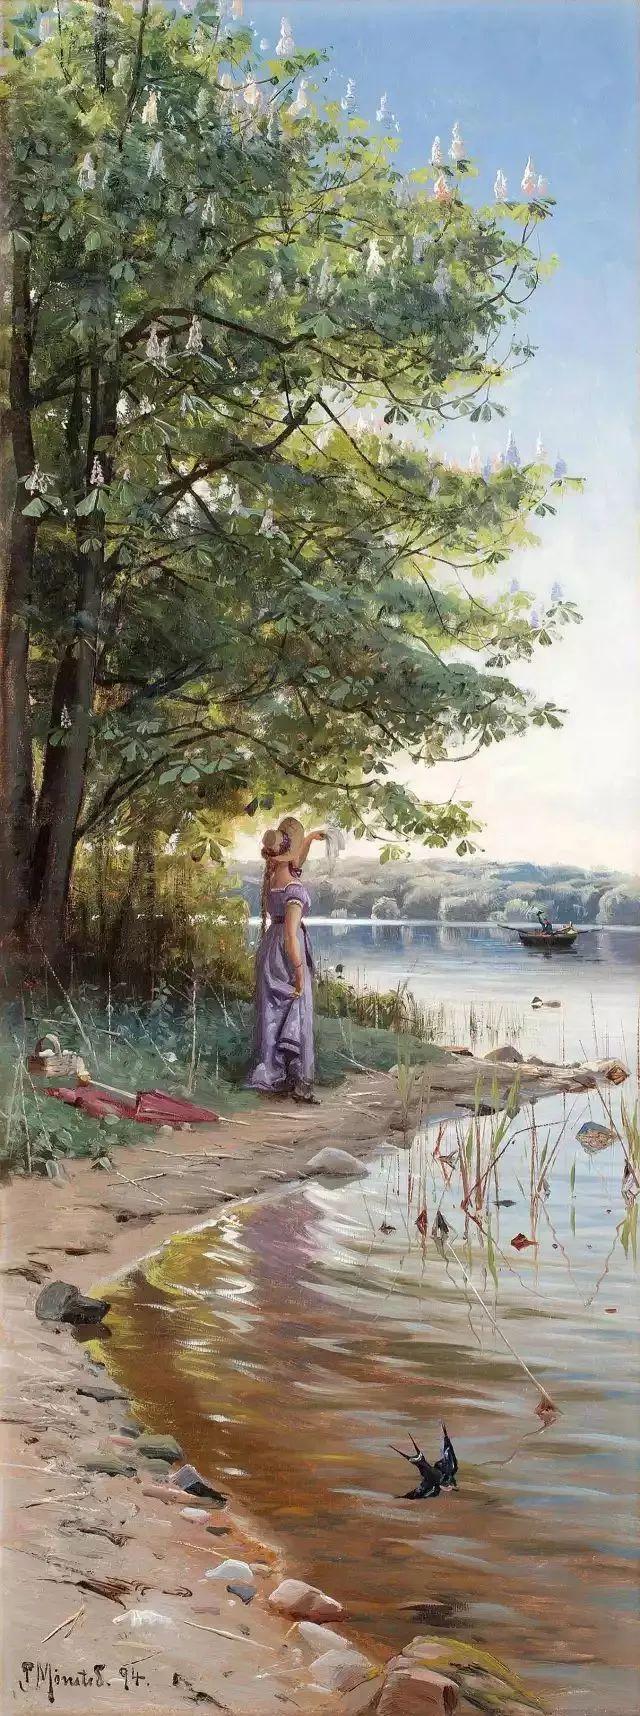 他的画描绘了一派祥和的田园风光,安静美好插图66